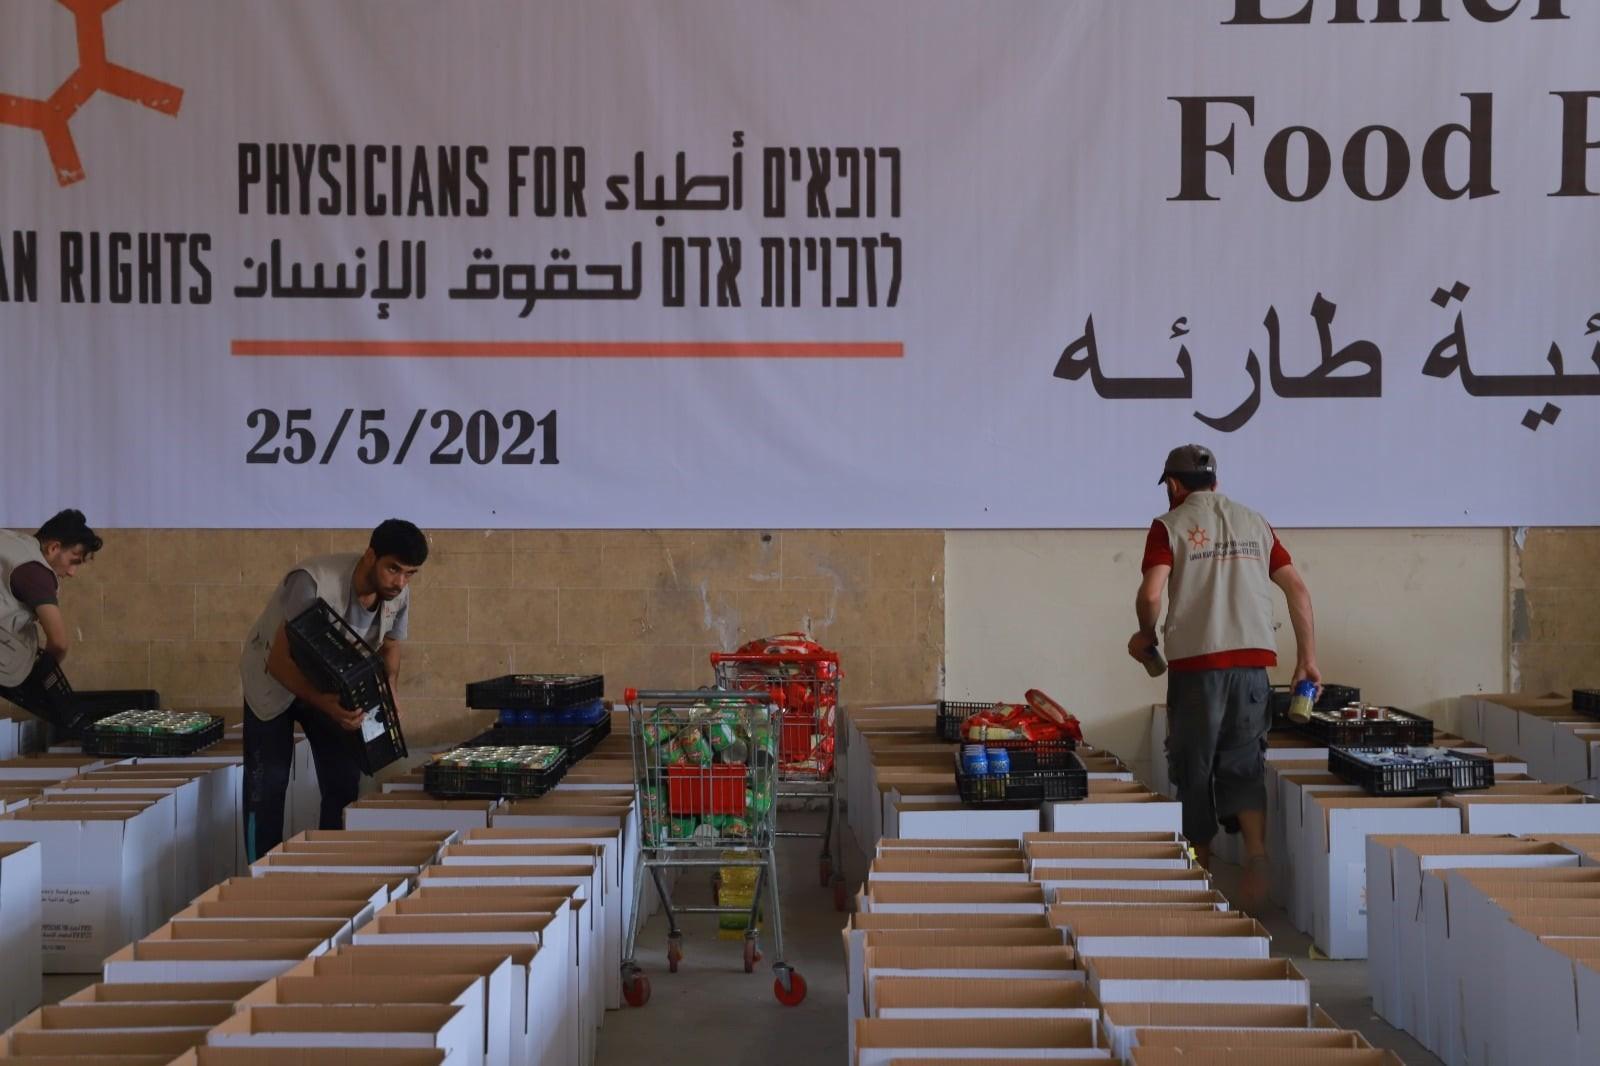 בגימנסיה הרצליה בתל-אביב החלו לאסוף מזון לתינוקות עבור ילדי רצועת עזה